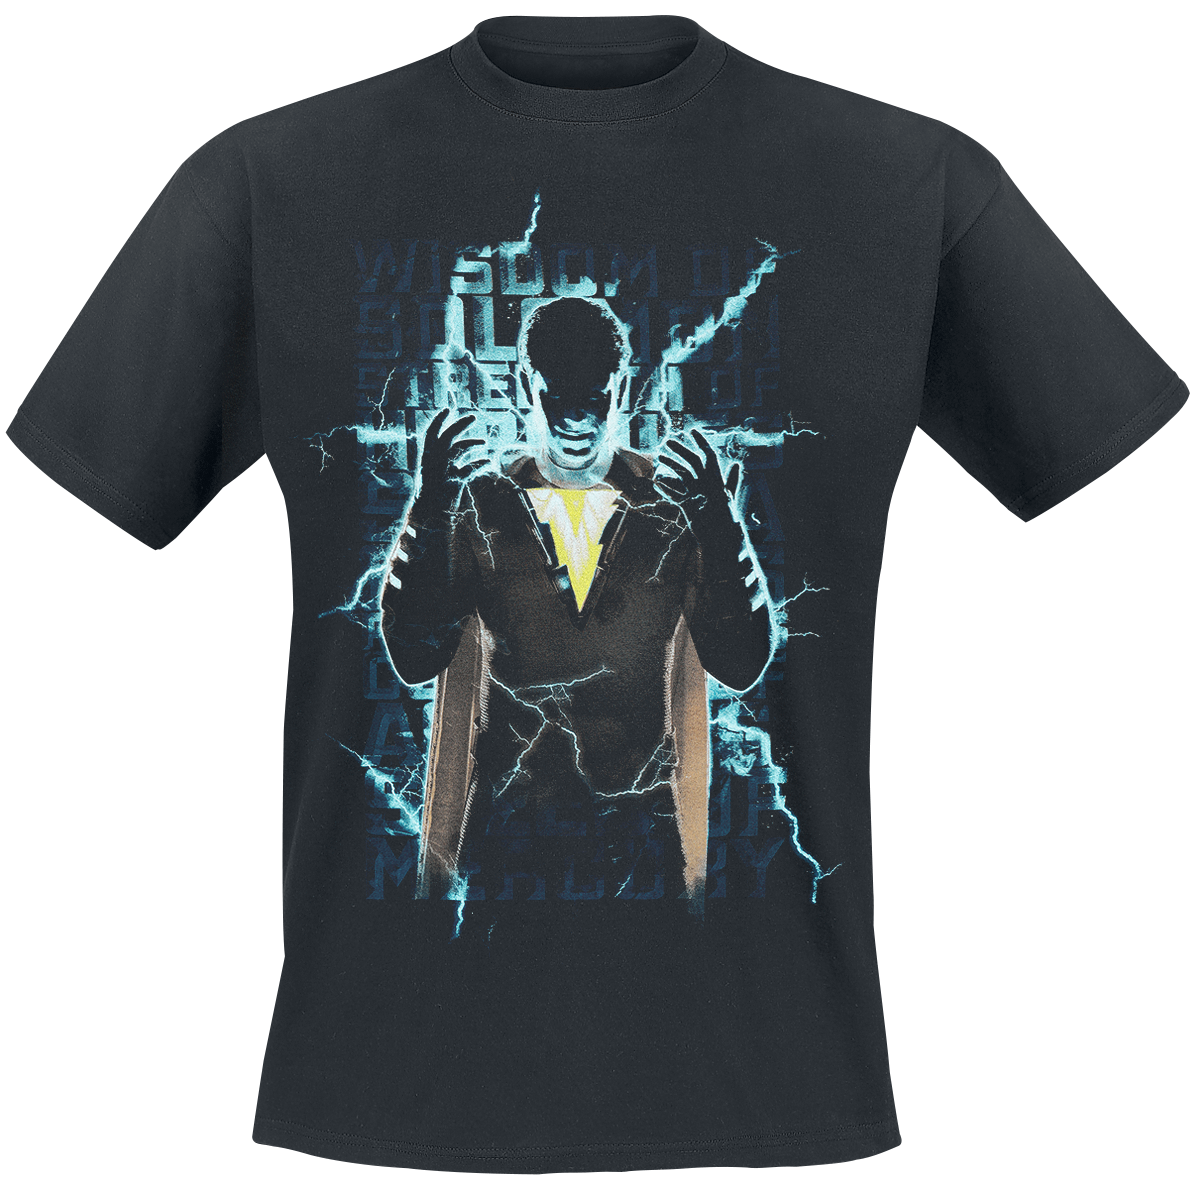 Shazam - Shazam Movie - Heroic Text - T-Shirt - black image